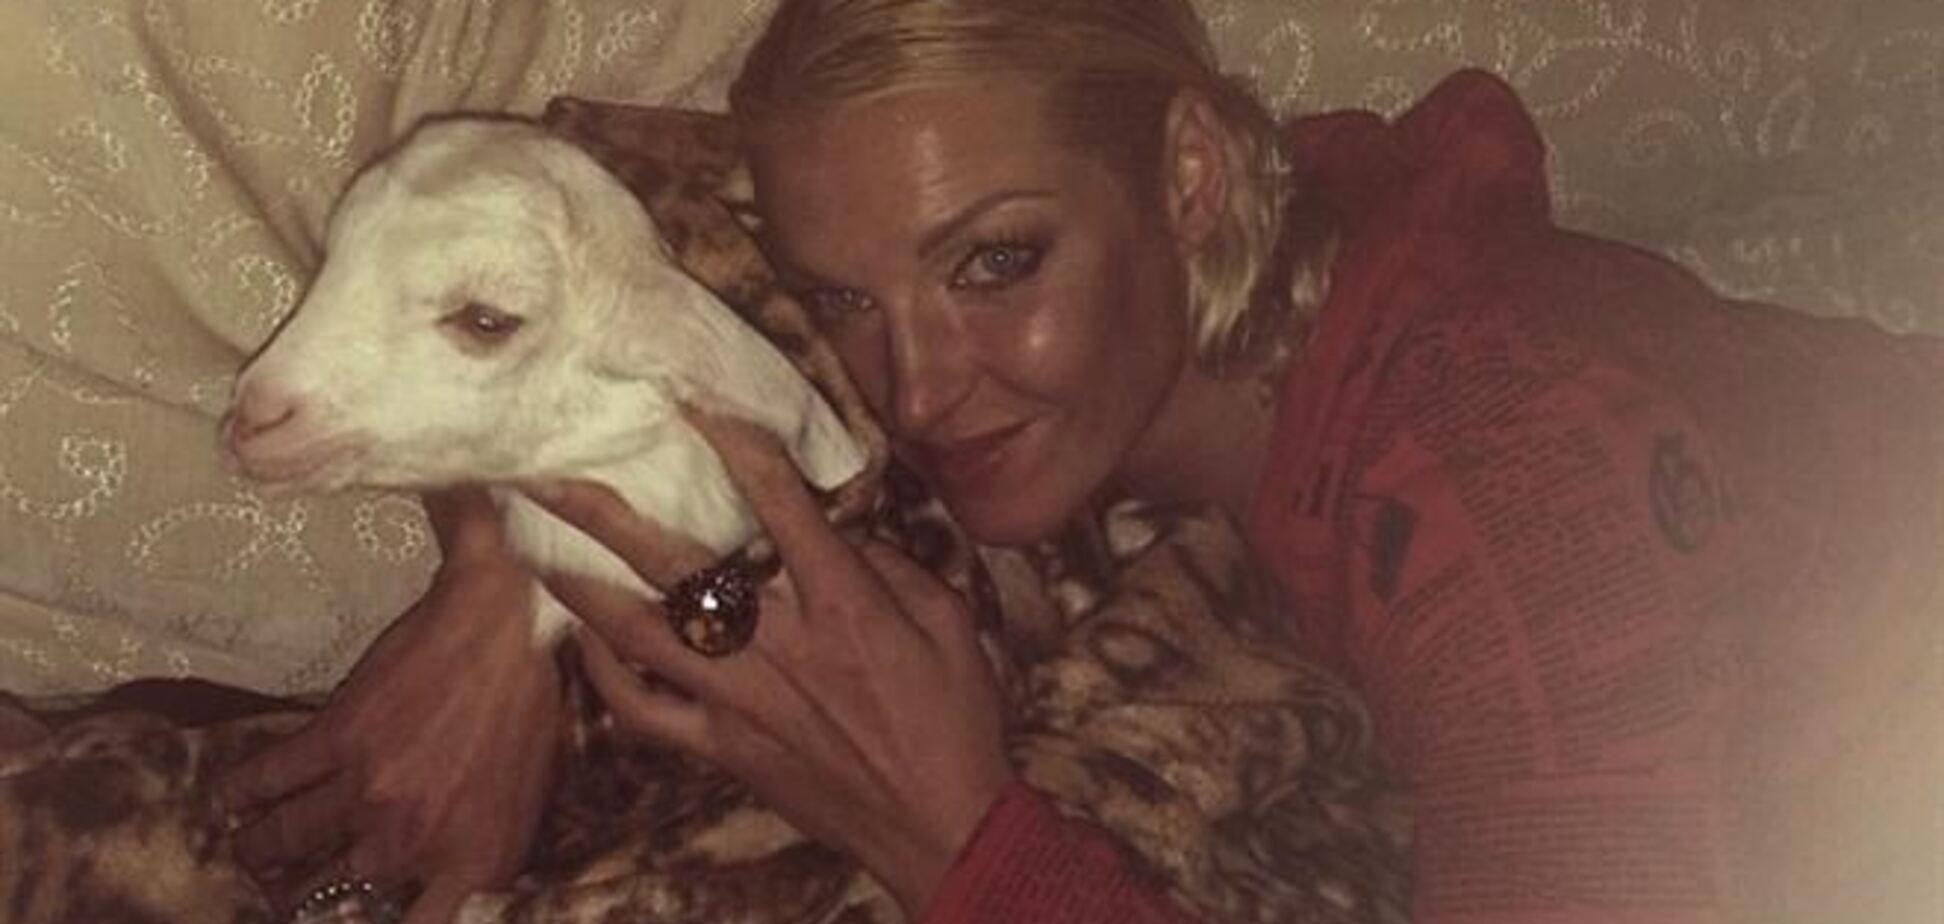 Волочкова показала фото в постели с козлом